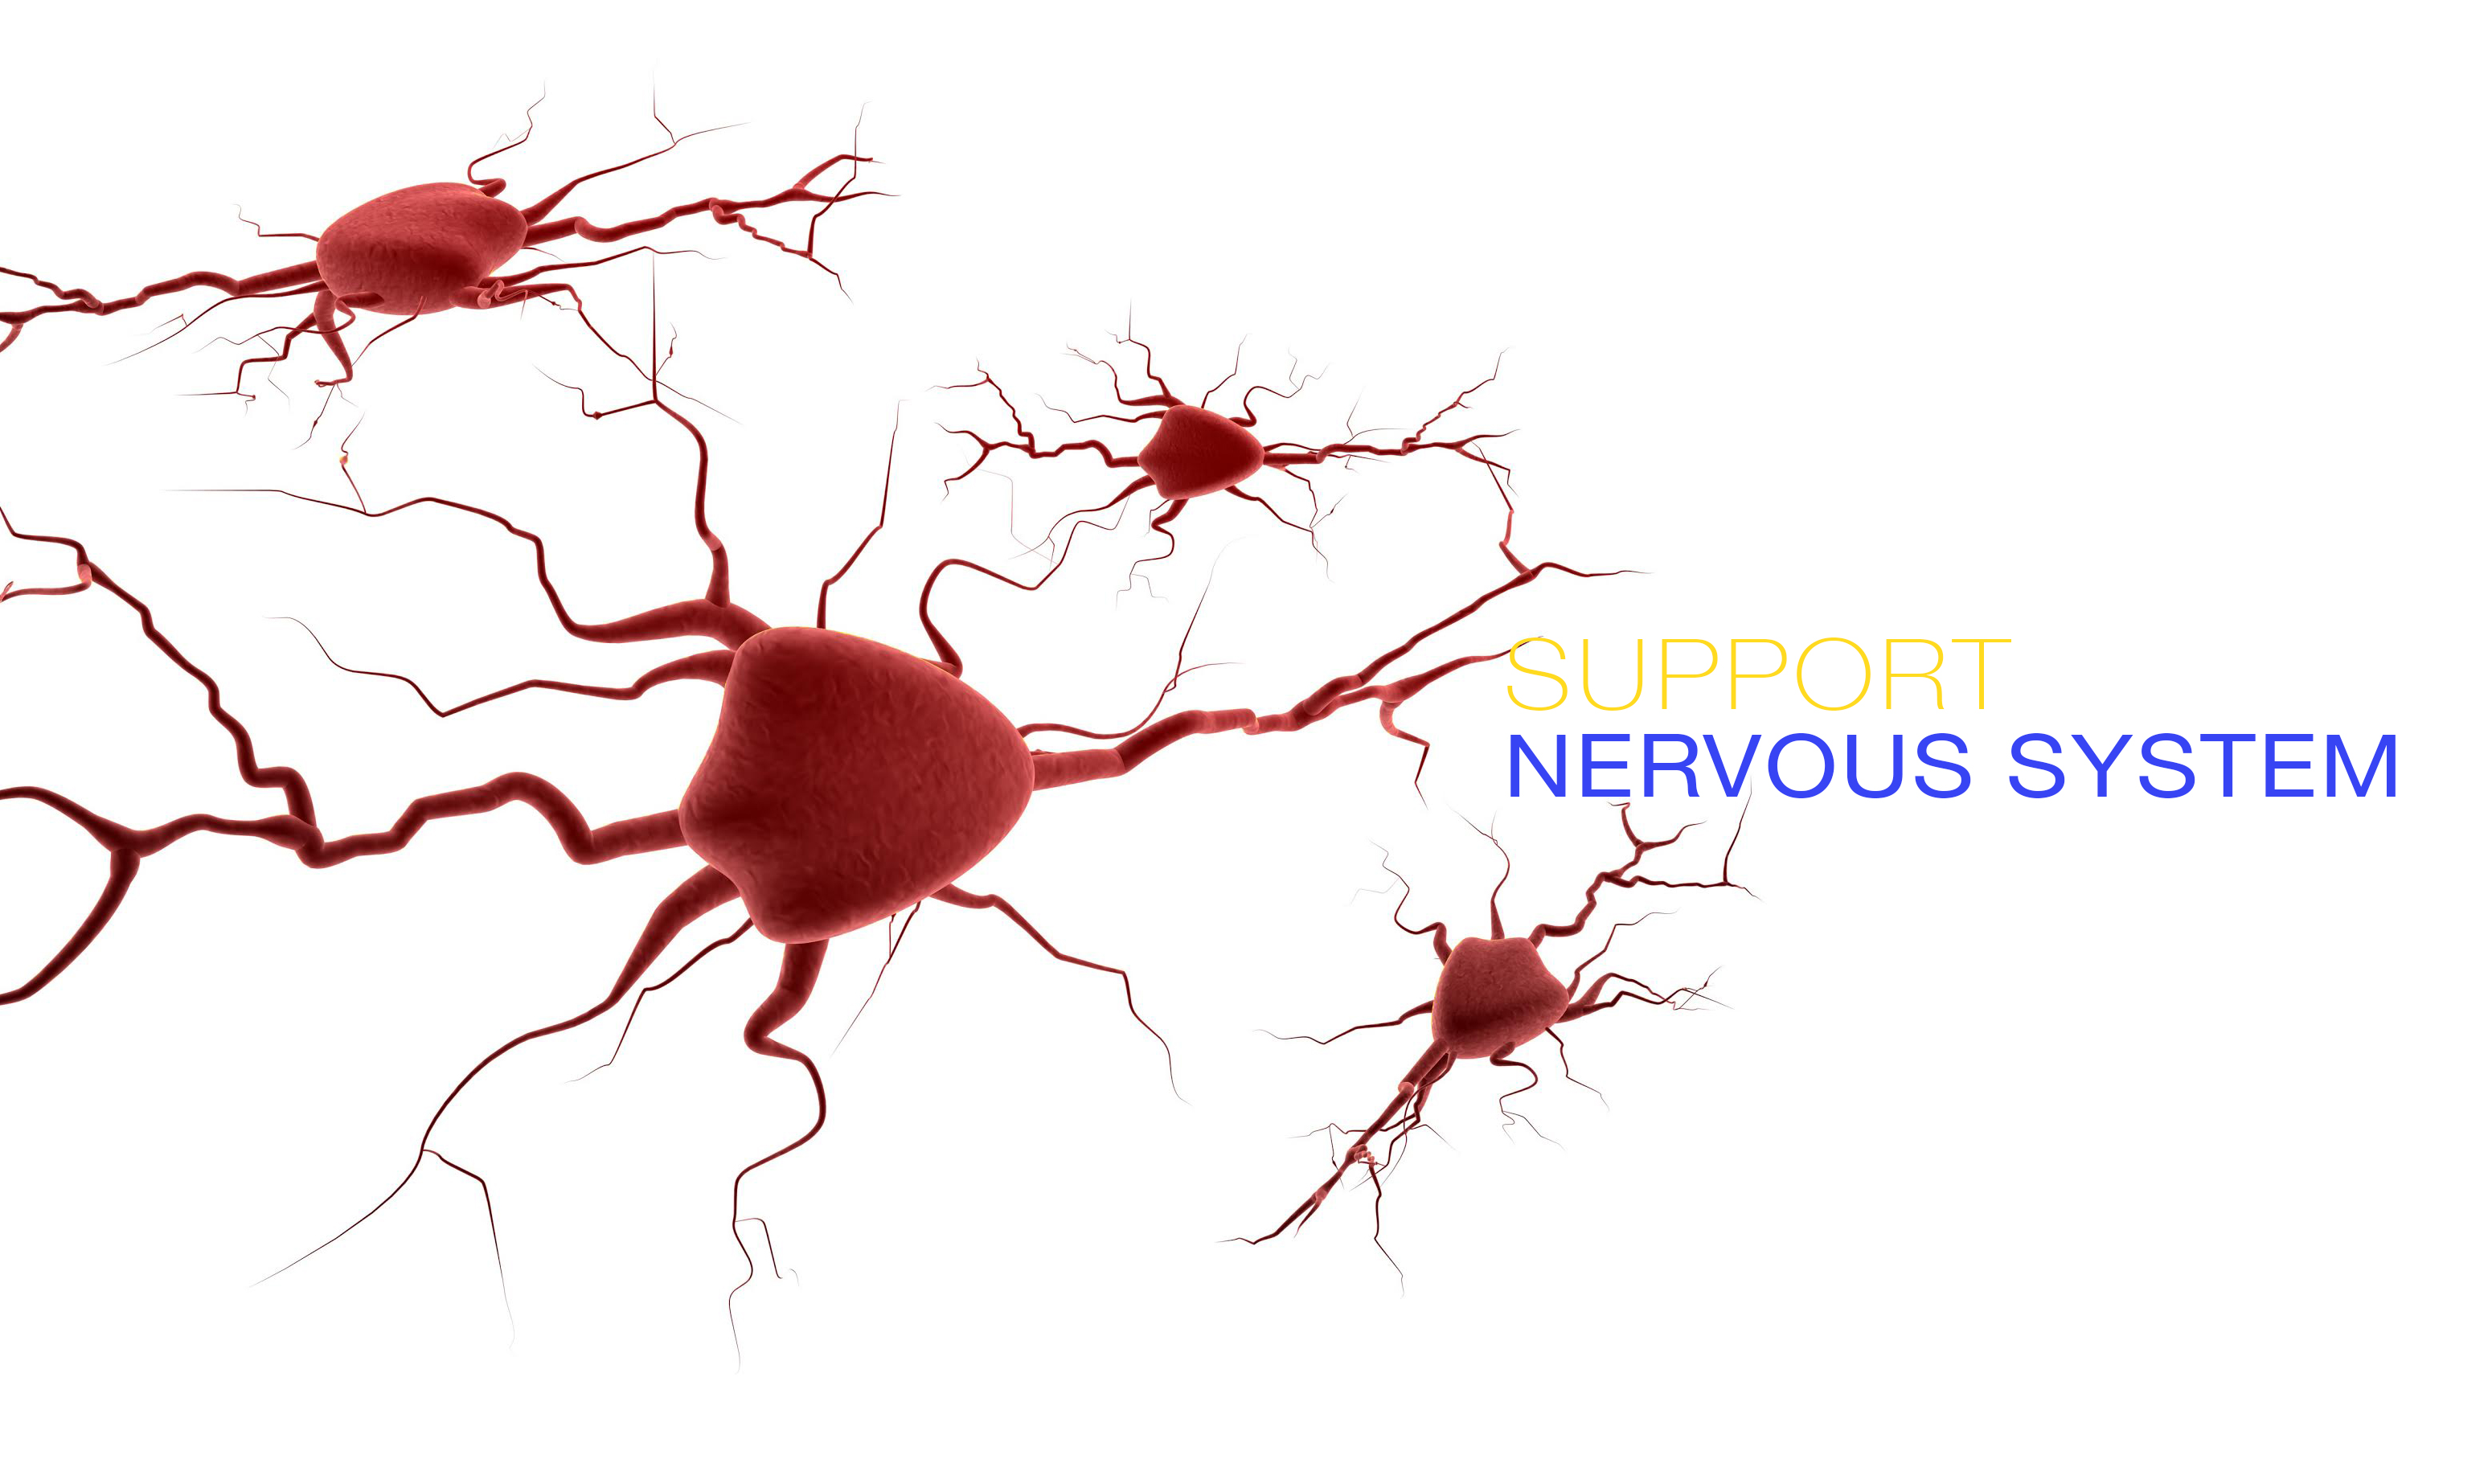 Nervous system done - 1